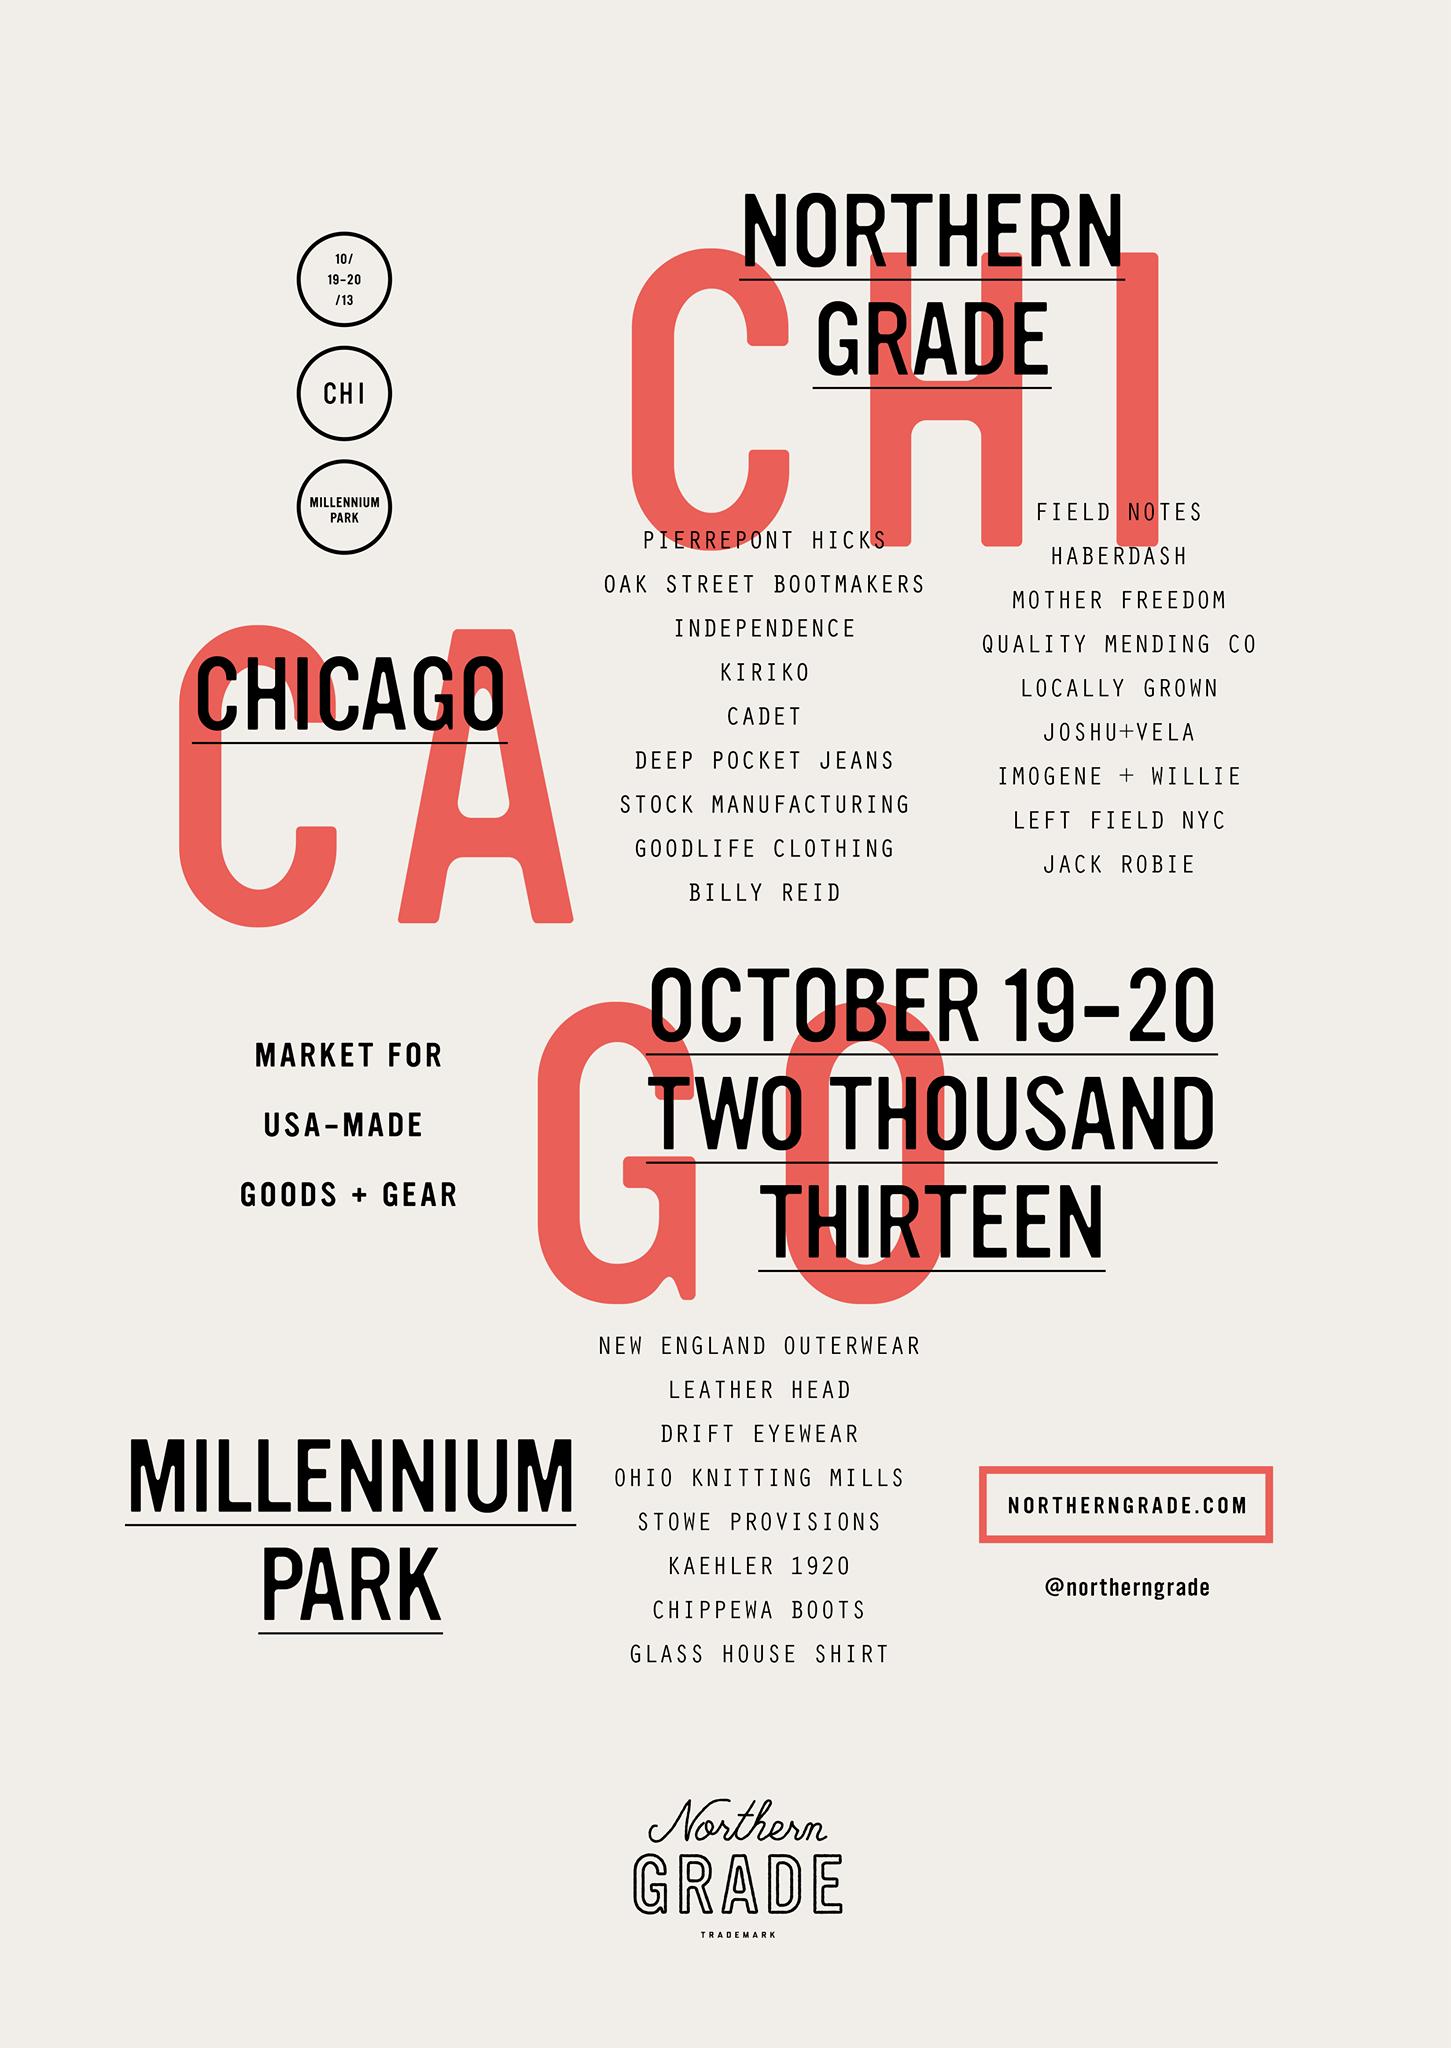 Northern Grade Chicago